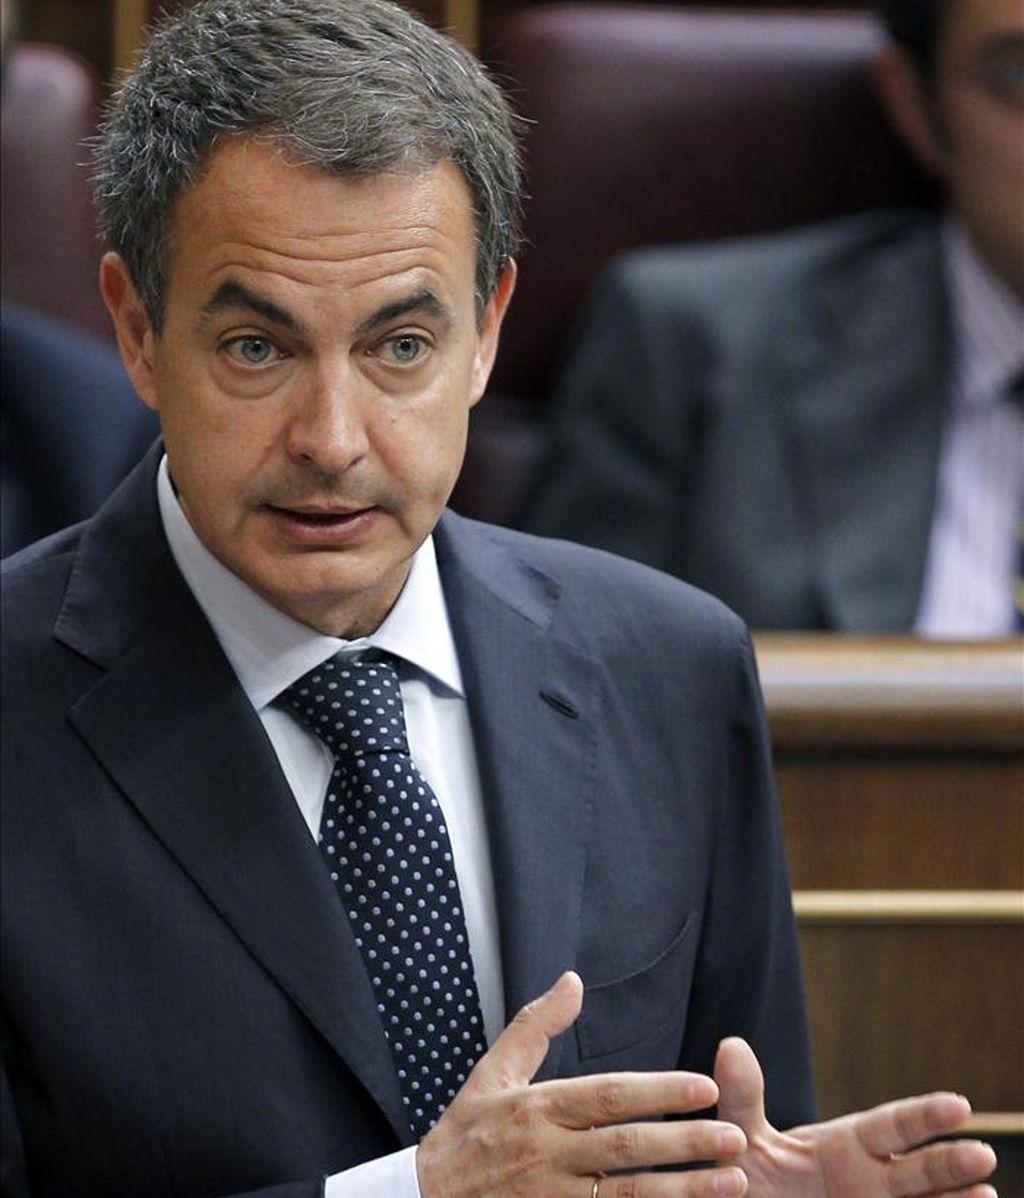 El presidente del Gobierno, José Luis Rodríguez Zapatero, ayer en una de sus intervenciones durante la sesión de control al Ejecutivo del pleno del Congreso. EFE